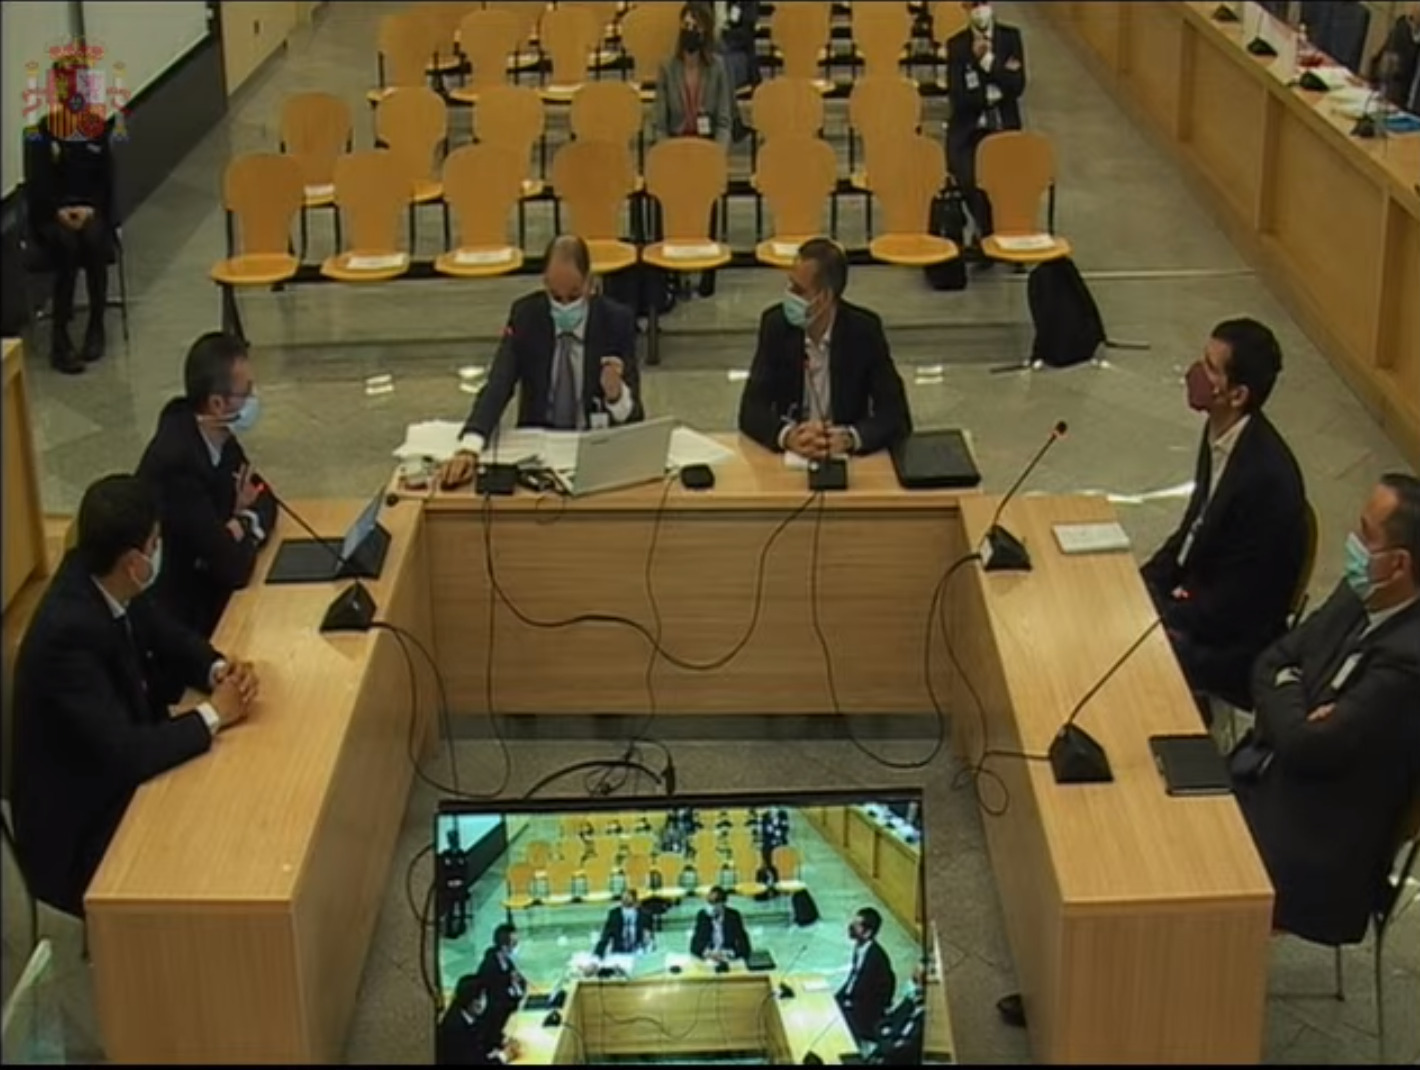 Los agentes de la Udef en el juicio de la caja B. De frente a la izquierda, Manuel Morocho.